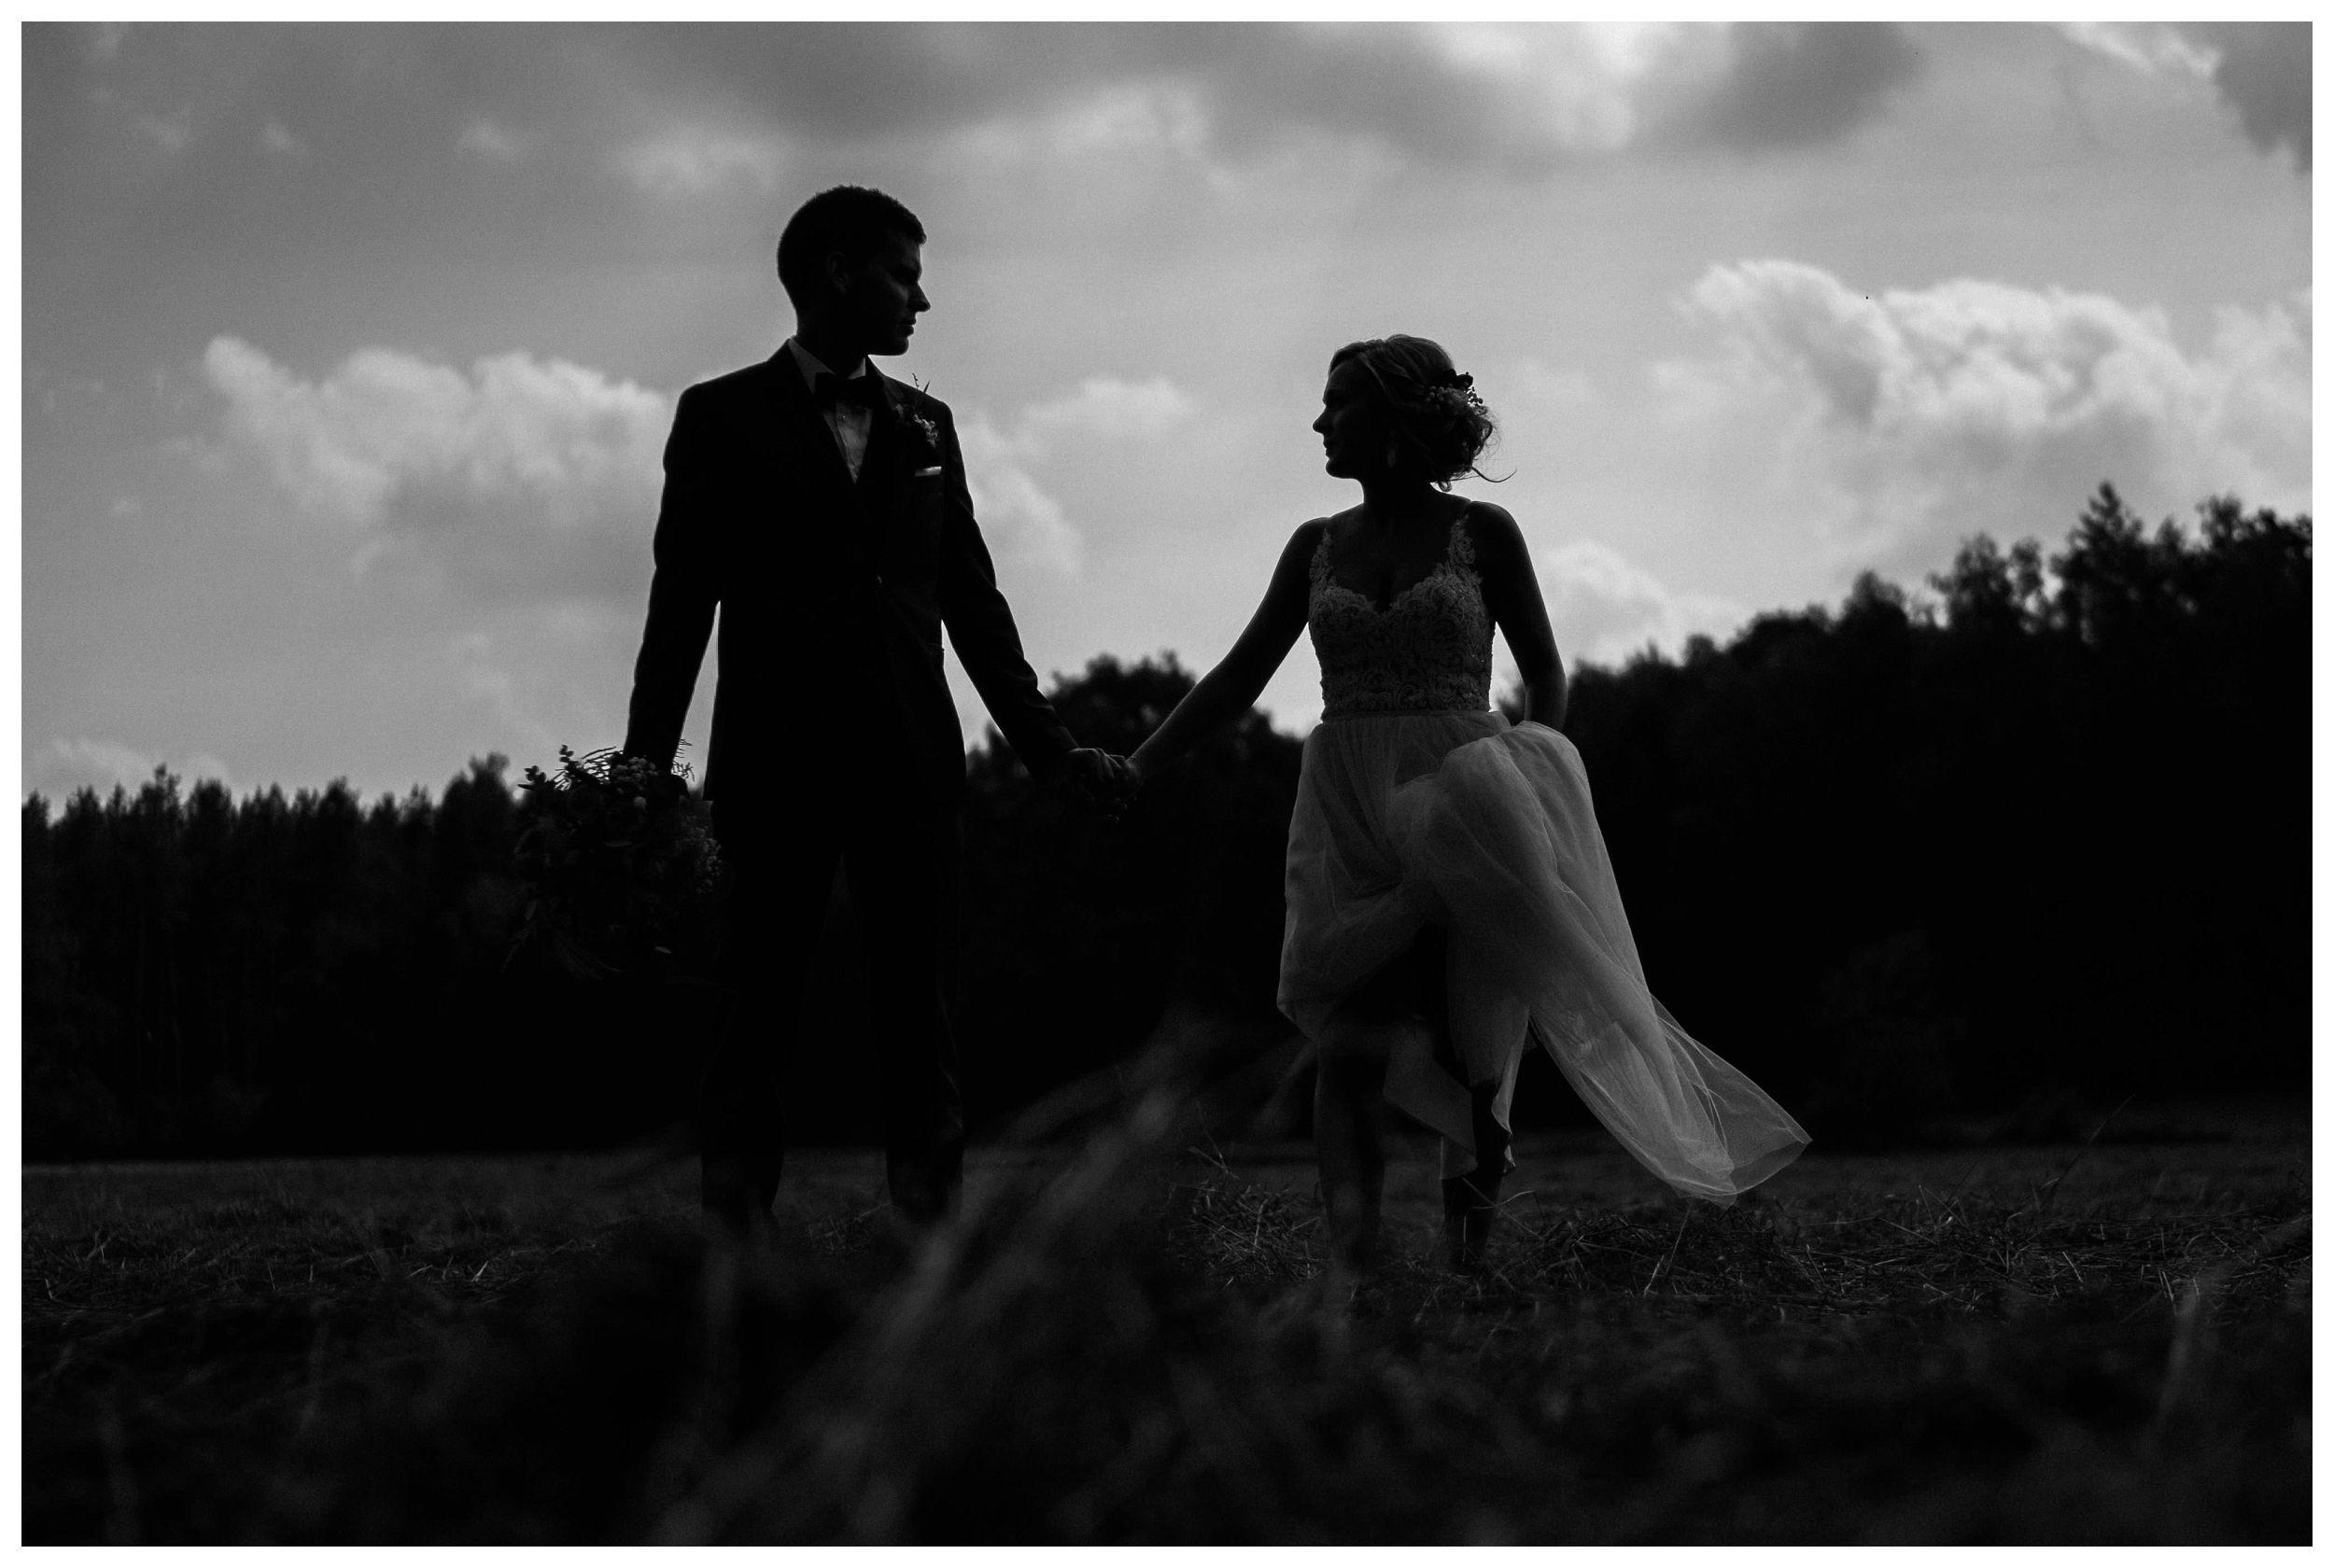 huwelijksfotograaf bruidsfotograaf destinationwedding huwelijksfotografie in mol oostham (23).jpg